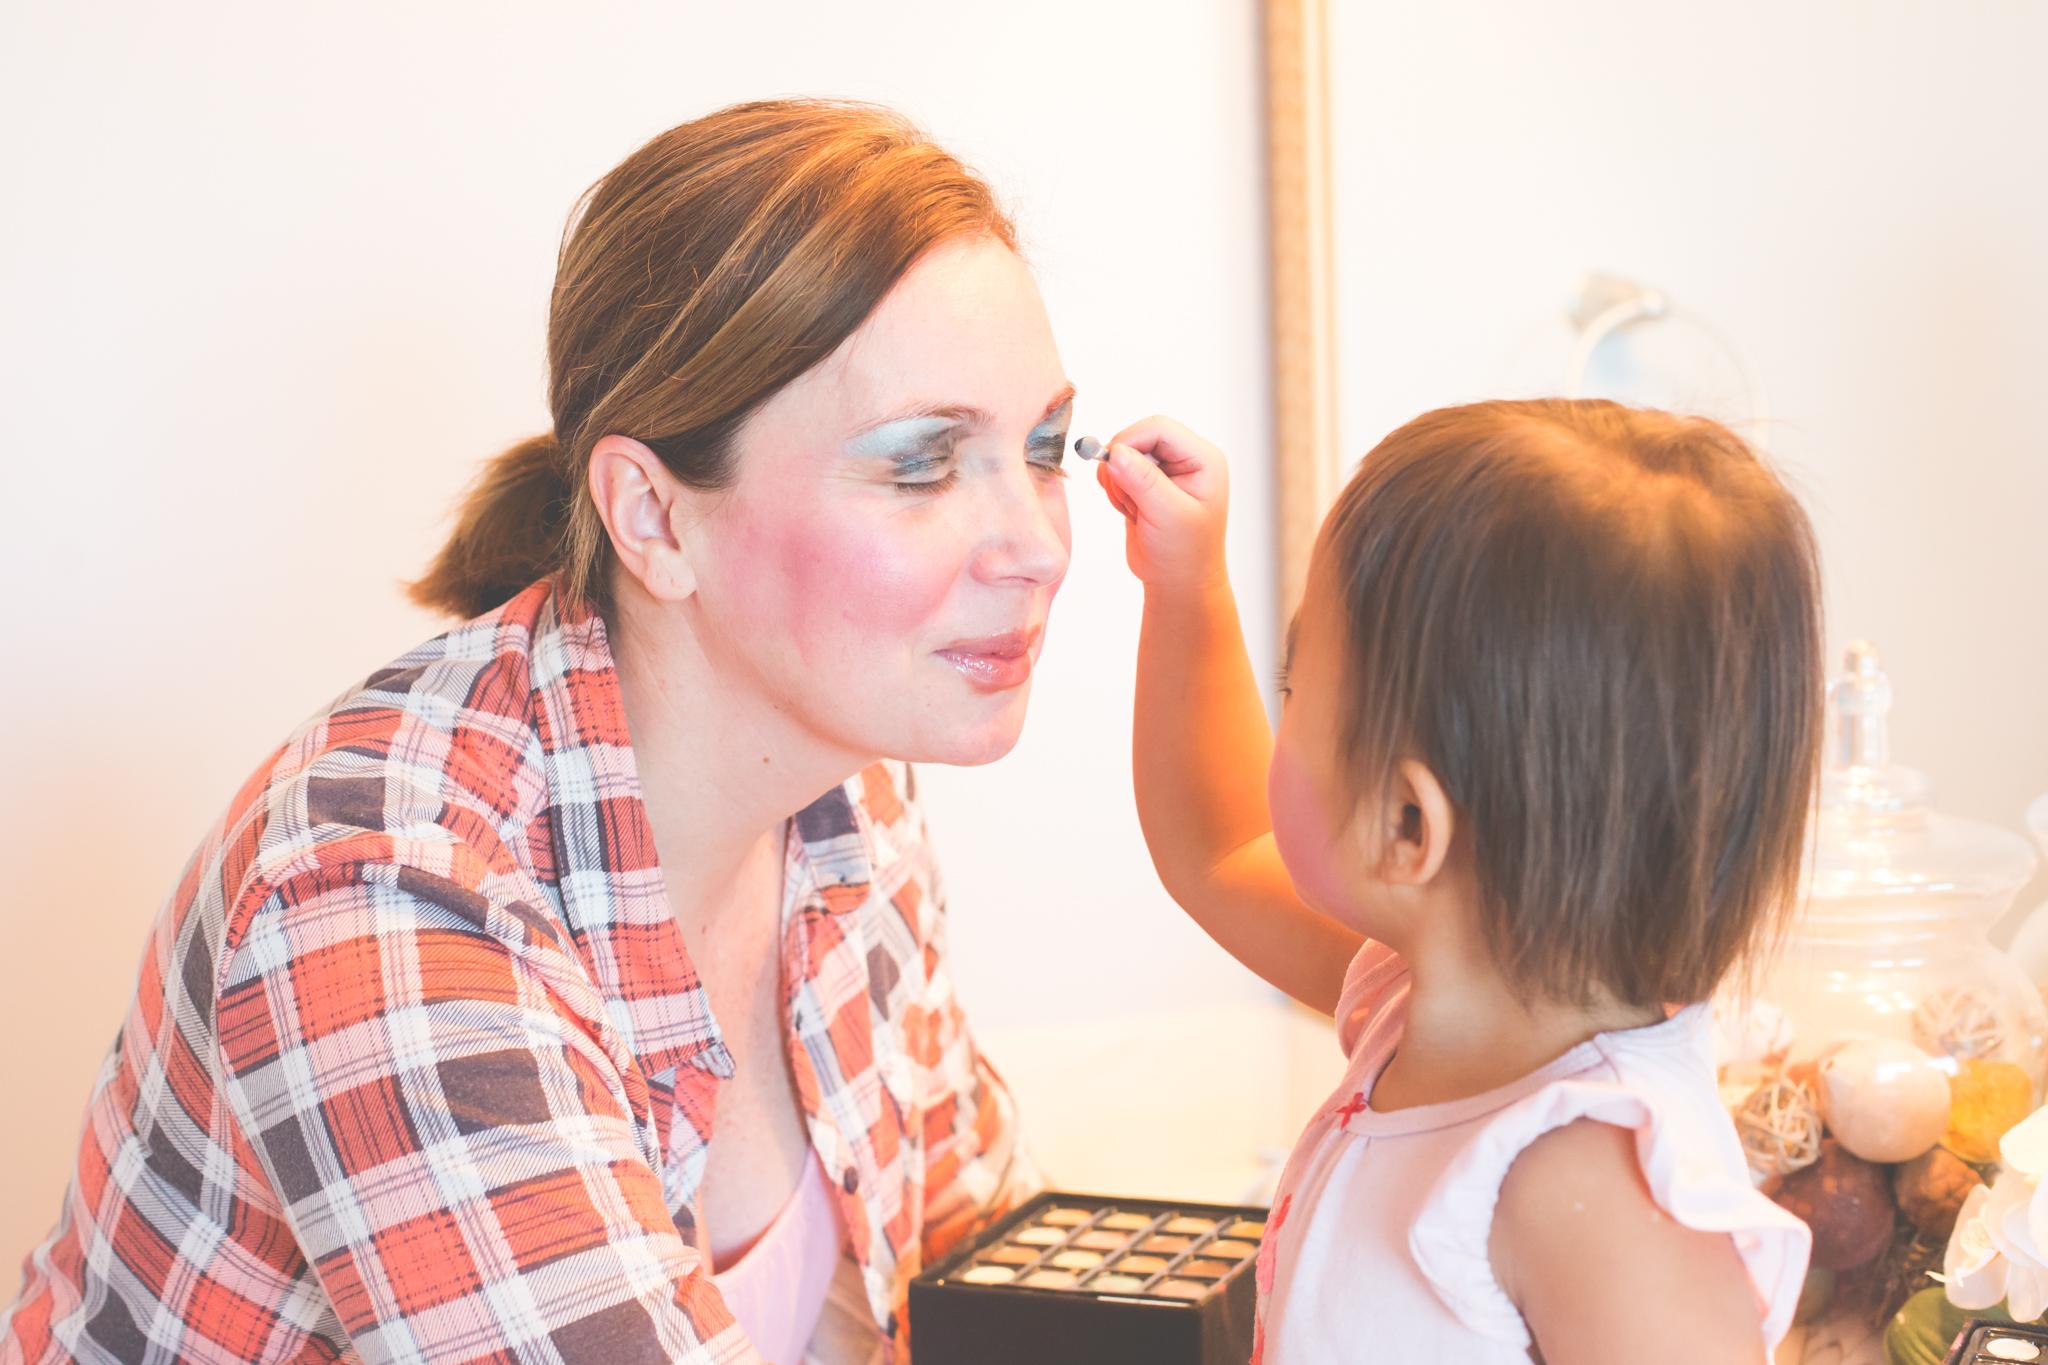 makeover-12.jpg